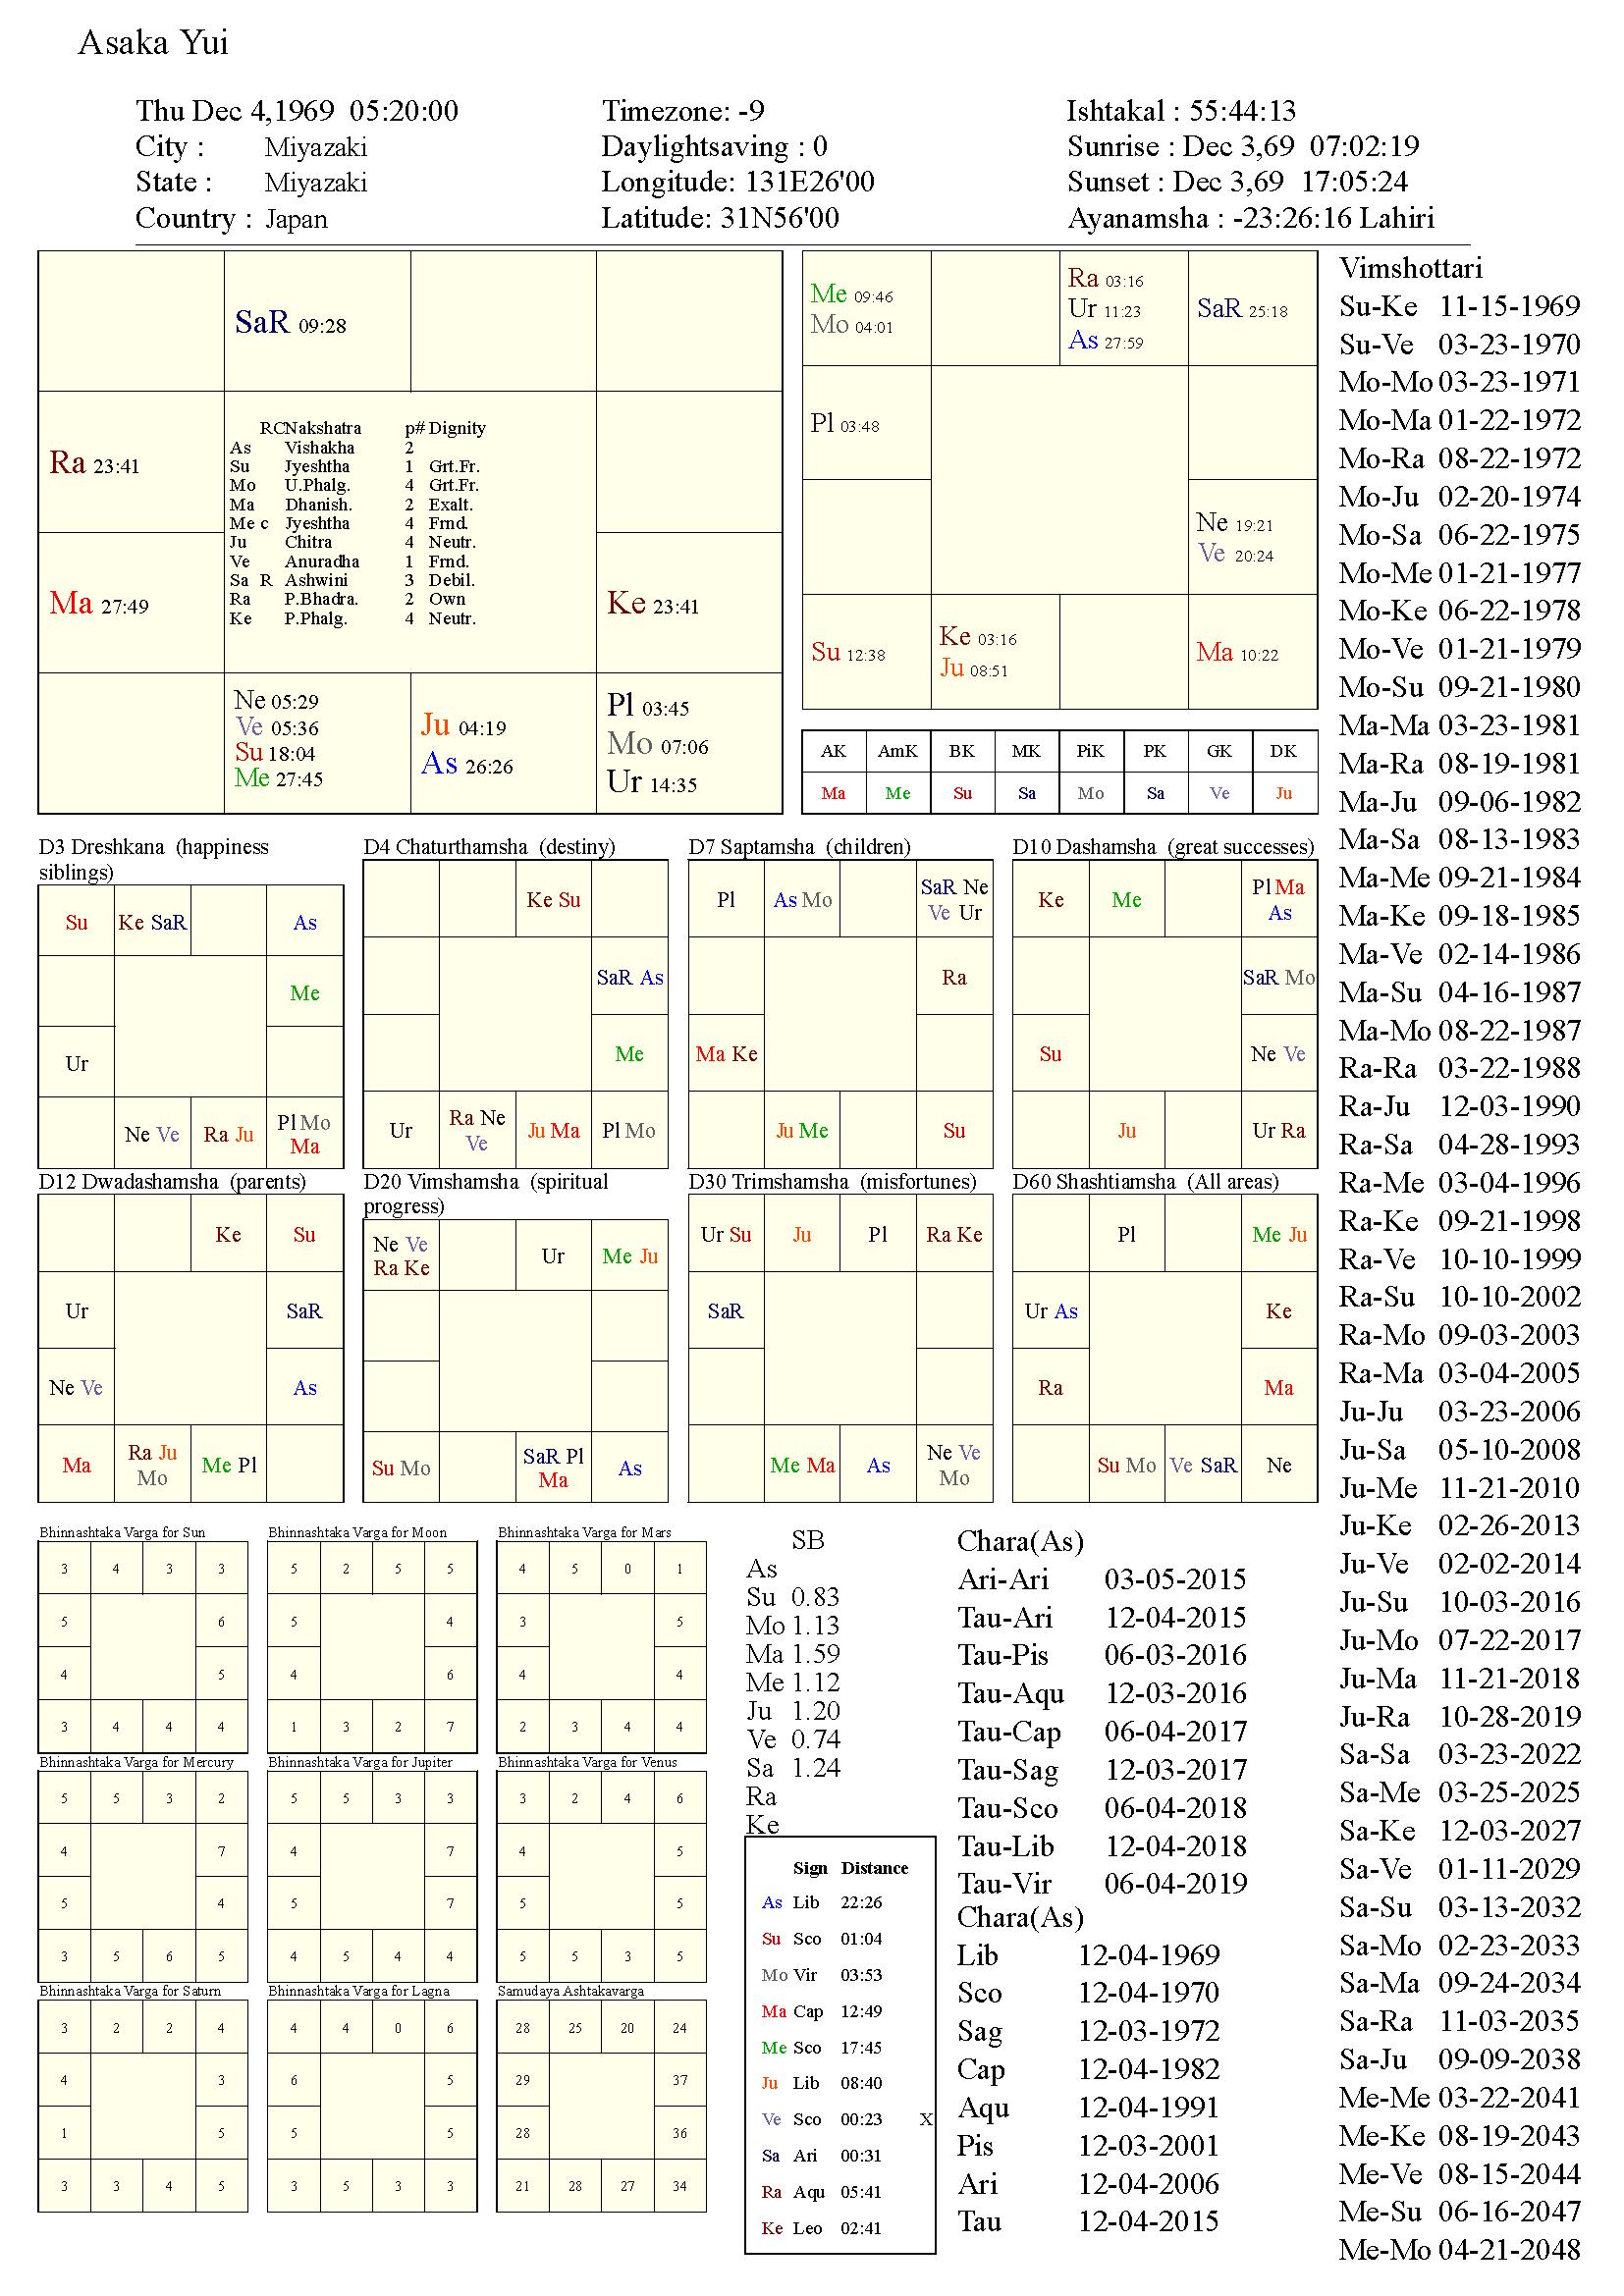 asakayui_chart